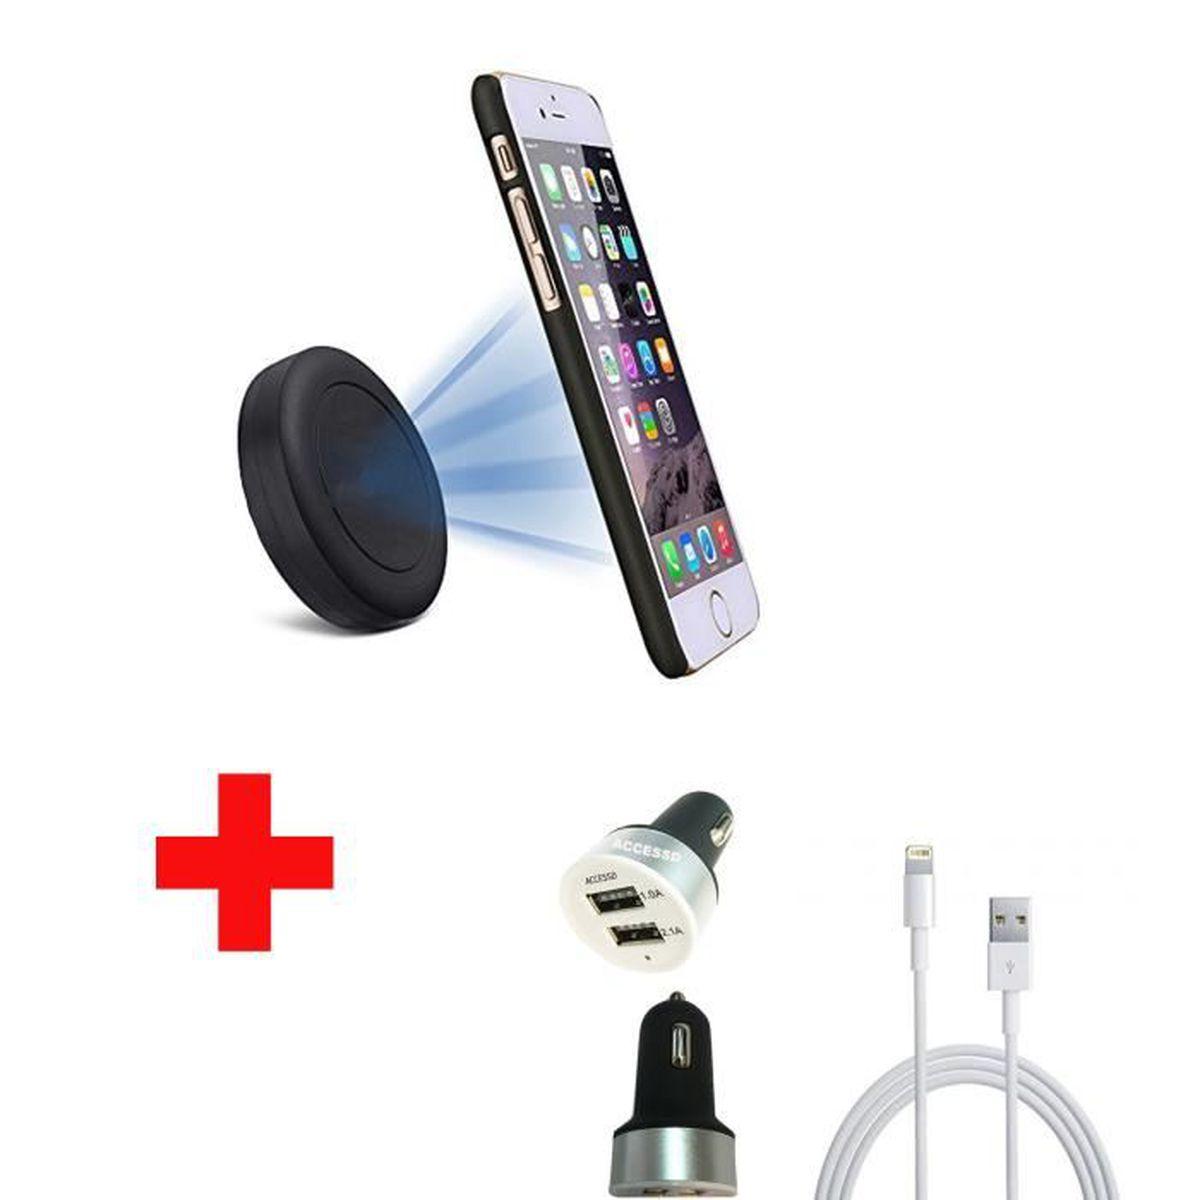 PACK ACCESSOIRES APPLE IPHONE 6S PLUS compatible AccessD , Achat accessoires  smartphone pas cher, avis et meilleur prix , Cdiscount